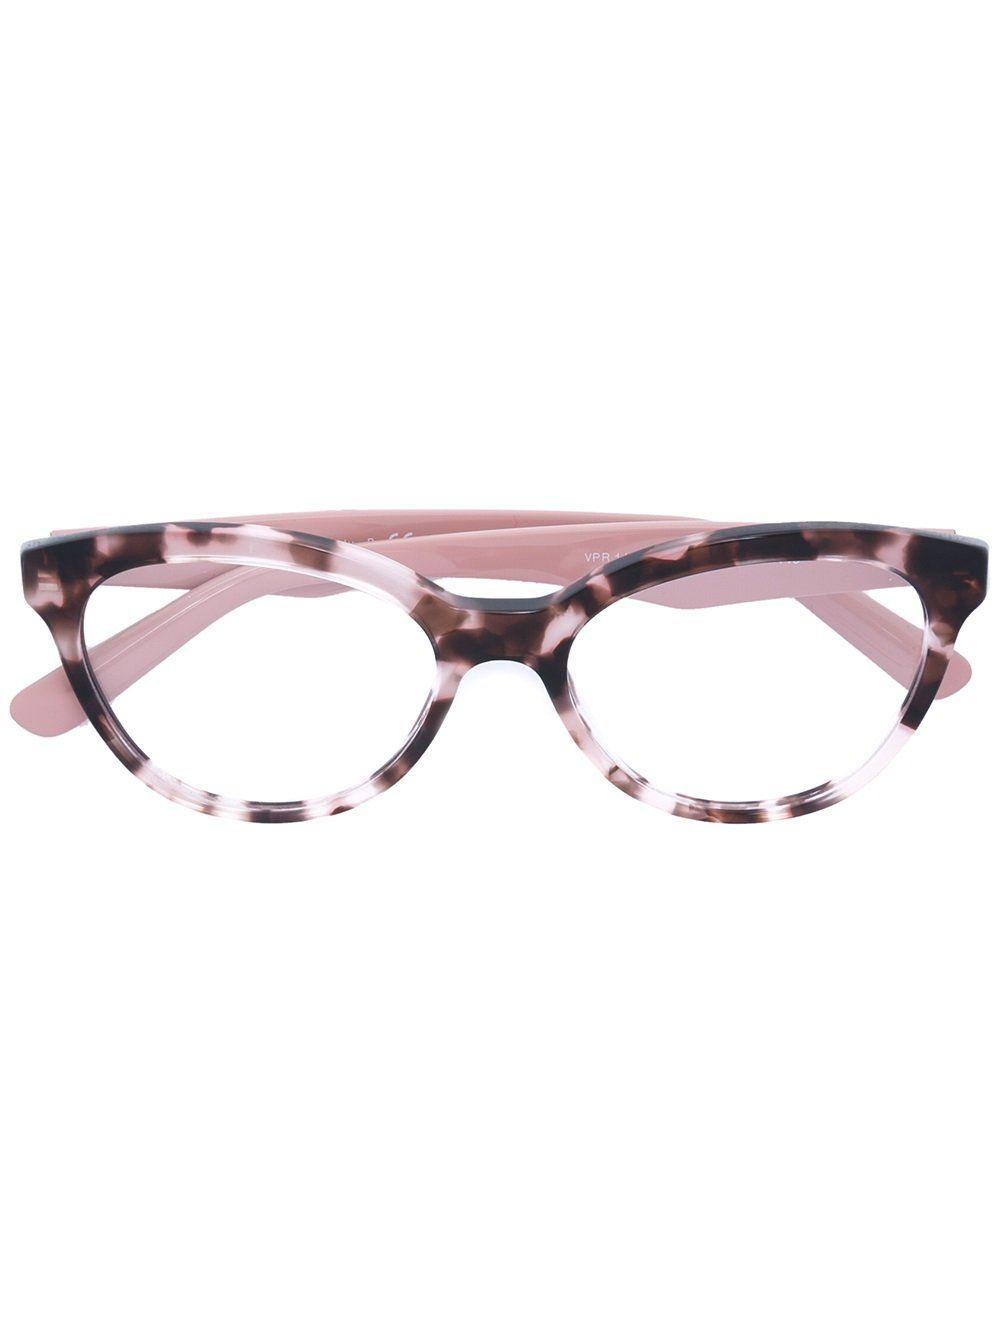 42d1130ac12 prada frames vision express